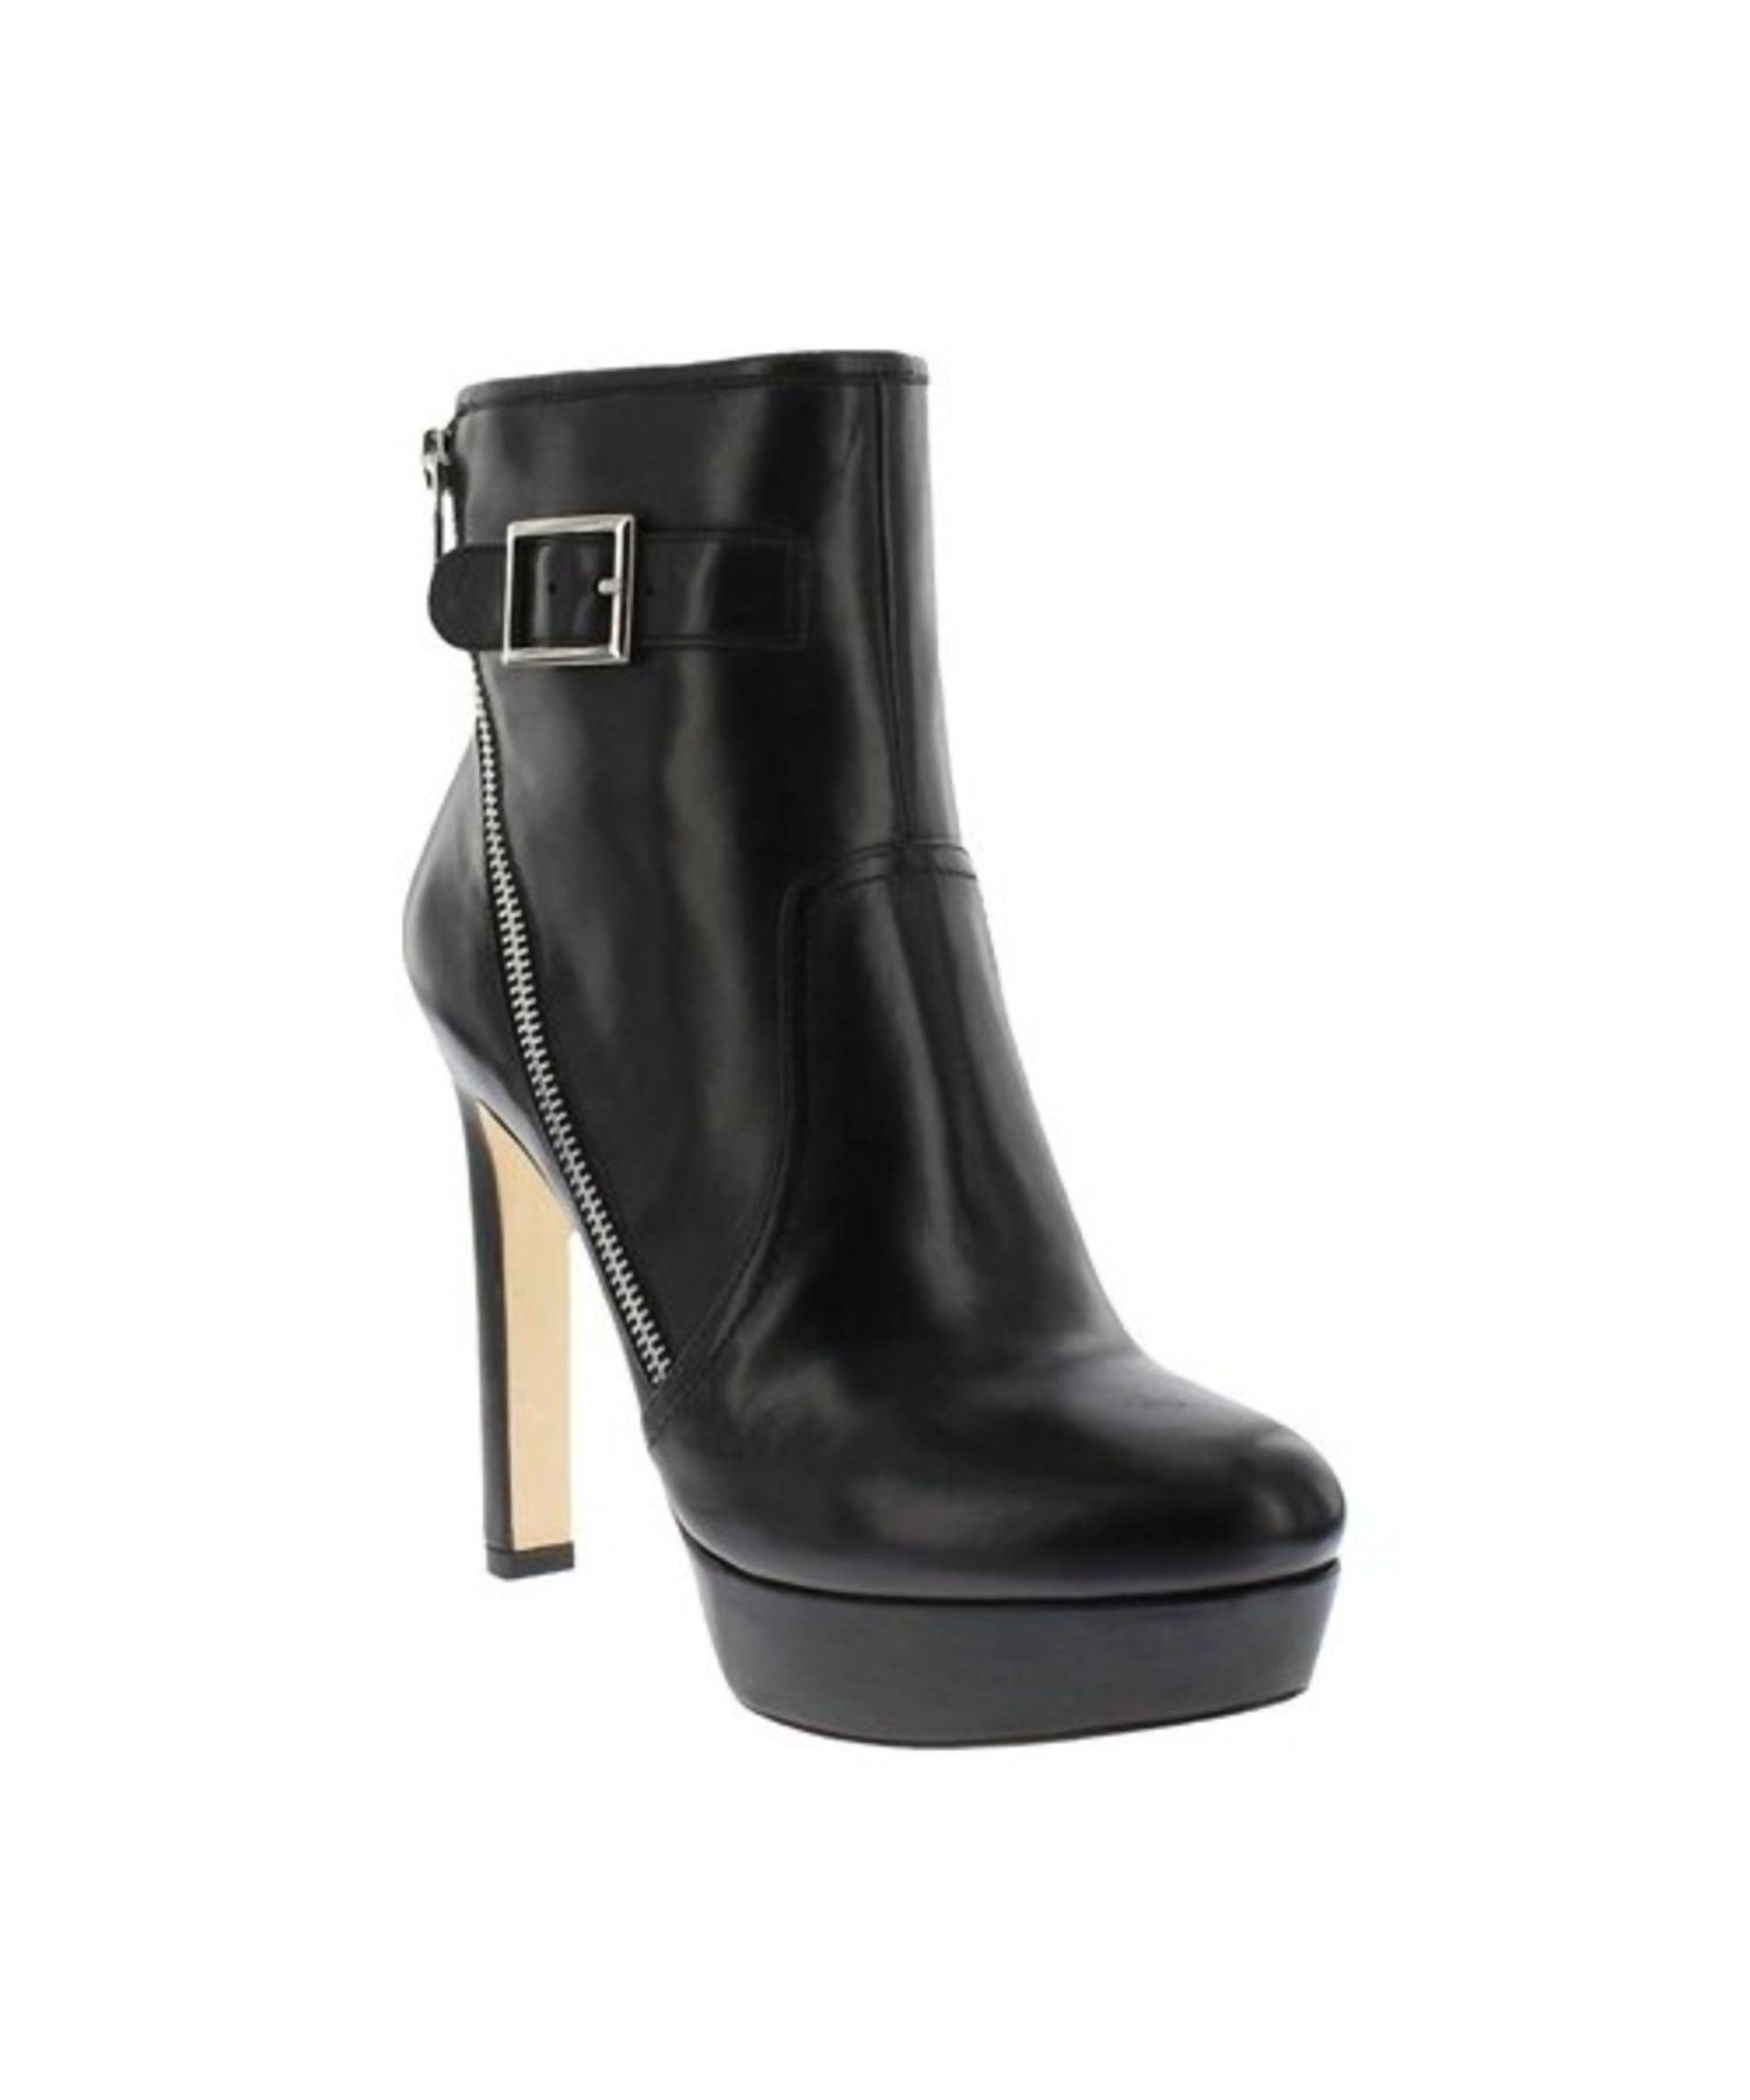 NICOLE MILLER | Nicole Miller Women's Barletta Platform Bootie #Shoes #Boots  & Booties #